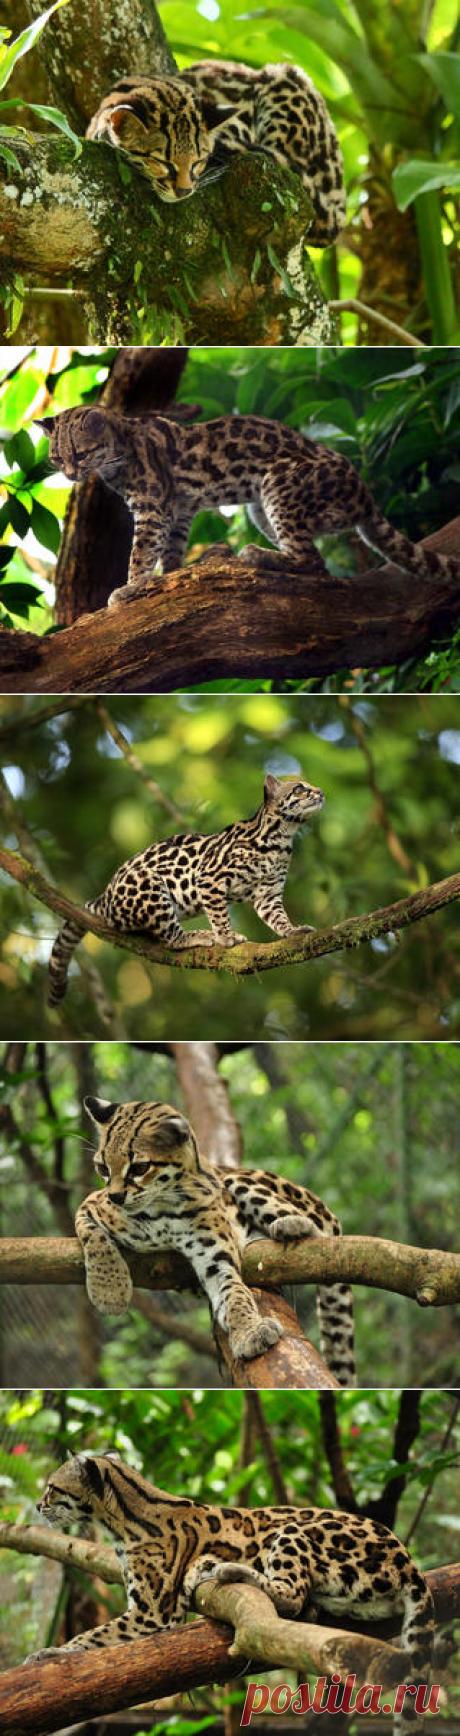 Смотреть изображения маргаев | Зооляндия